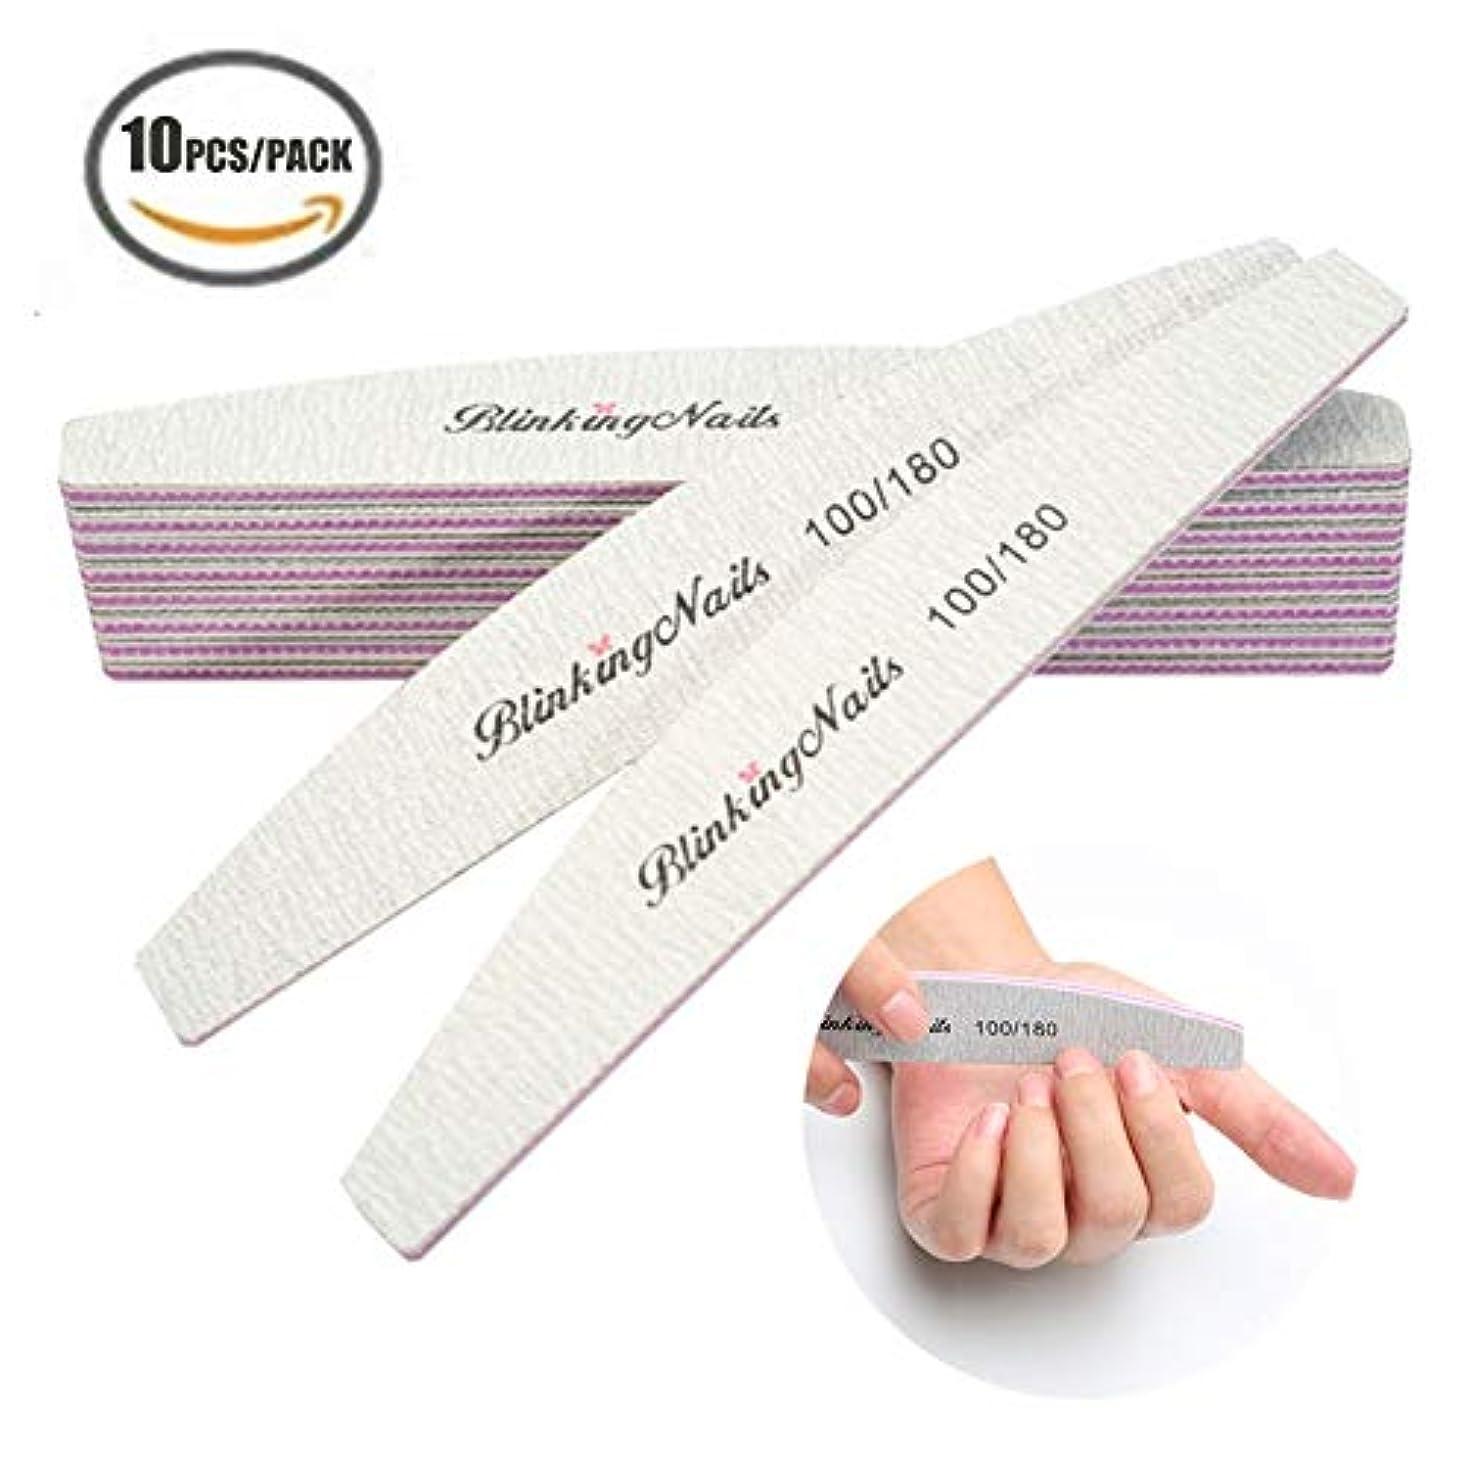 広げるフロー露出度の高い研磨ツール100/180砂 爪やすり ネイルシャイナー ネイルケア 携帯に便利です 水洗いできます 洗濯可プロネイルやすり 10本入